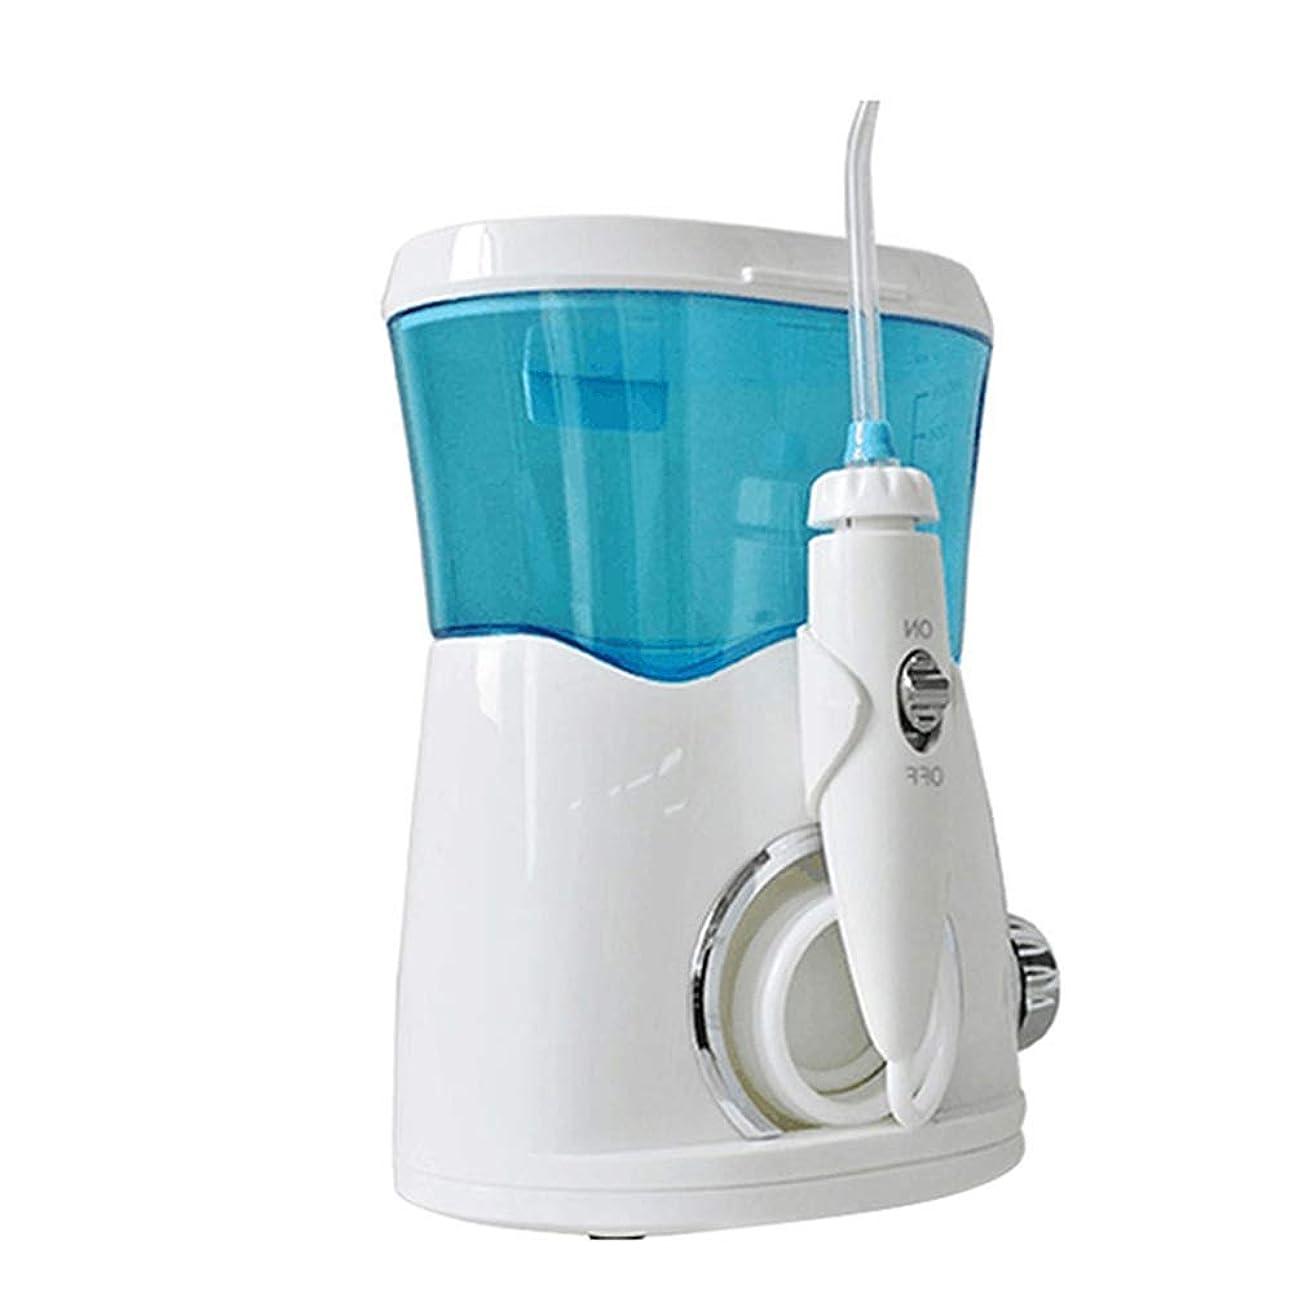 参照謙虚な成熟した歯のための水フロッサー、8つの多機能ジェット機の先端を洗う5つの強度の600mlカウンタートップ歯科水フロスカー